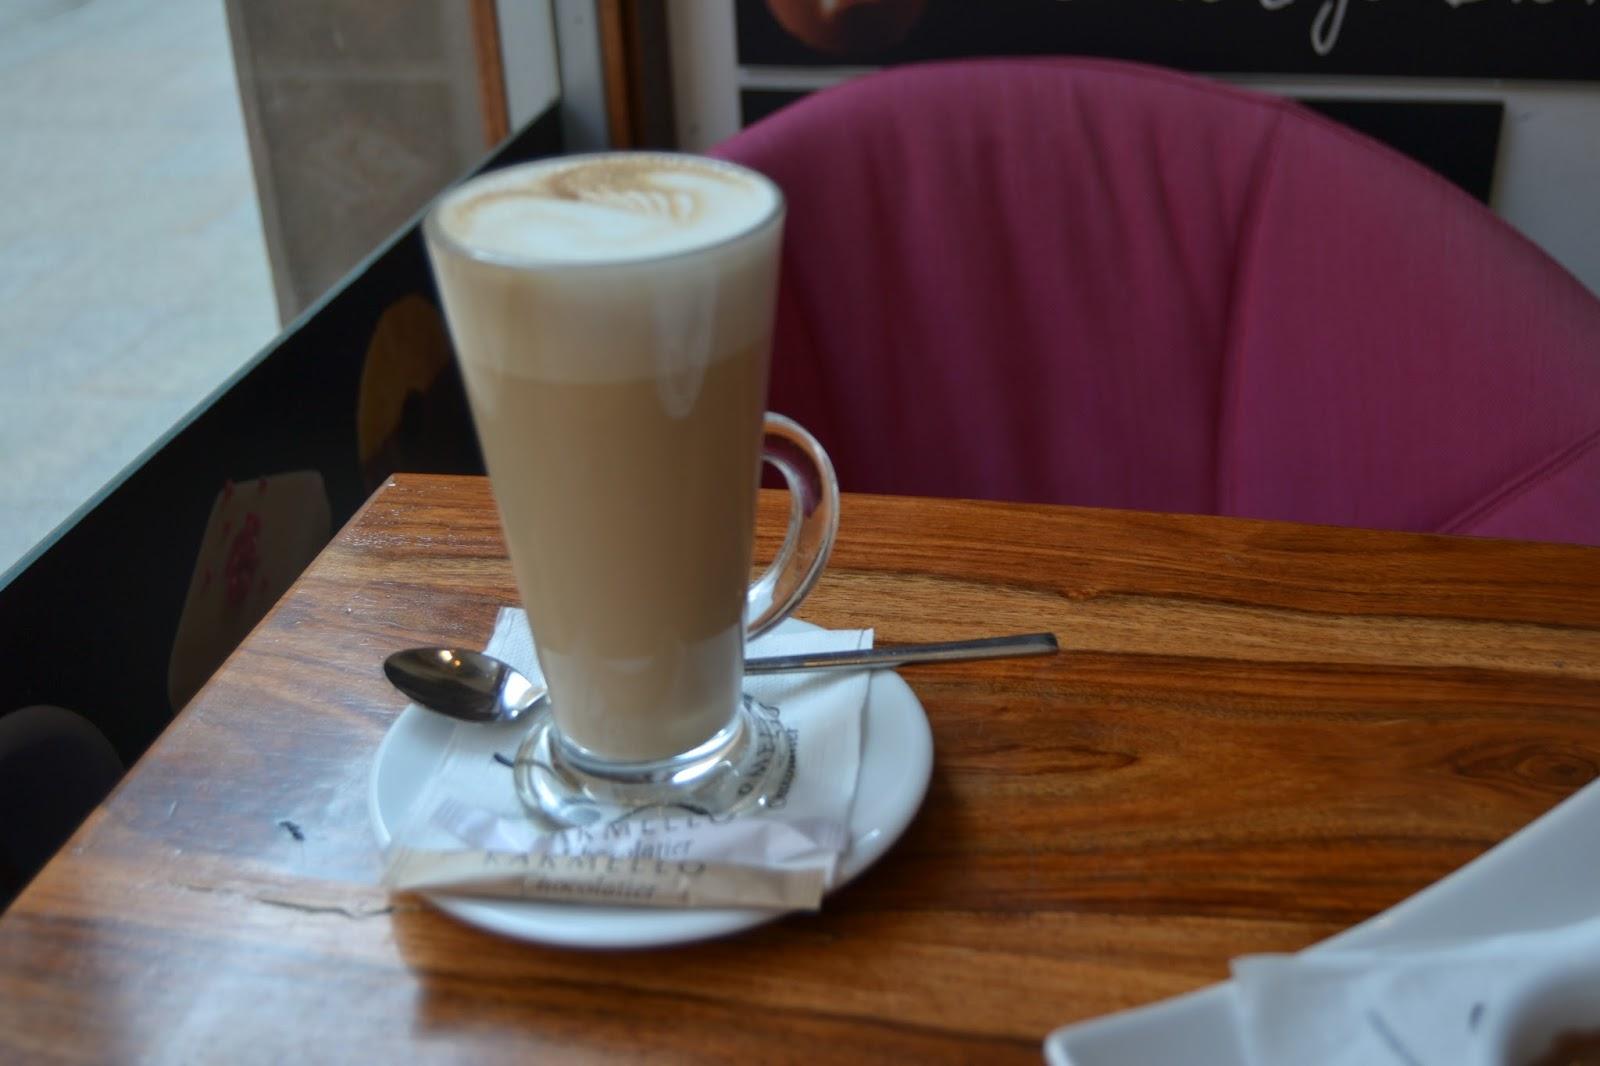 dobra kawa kraków